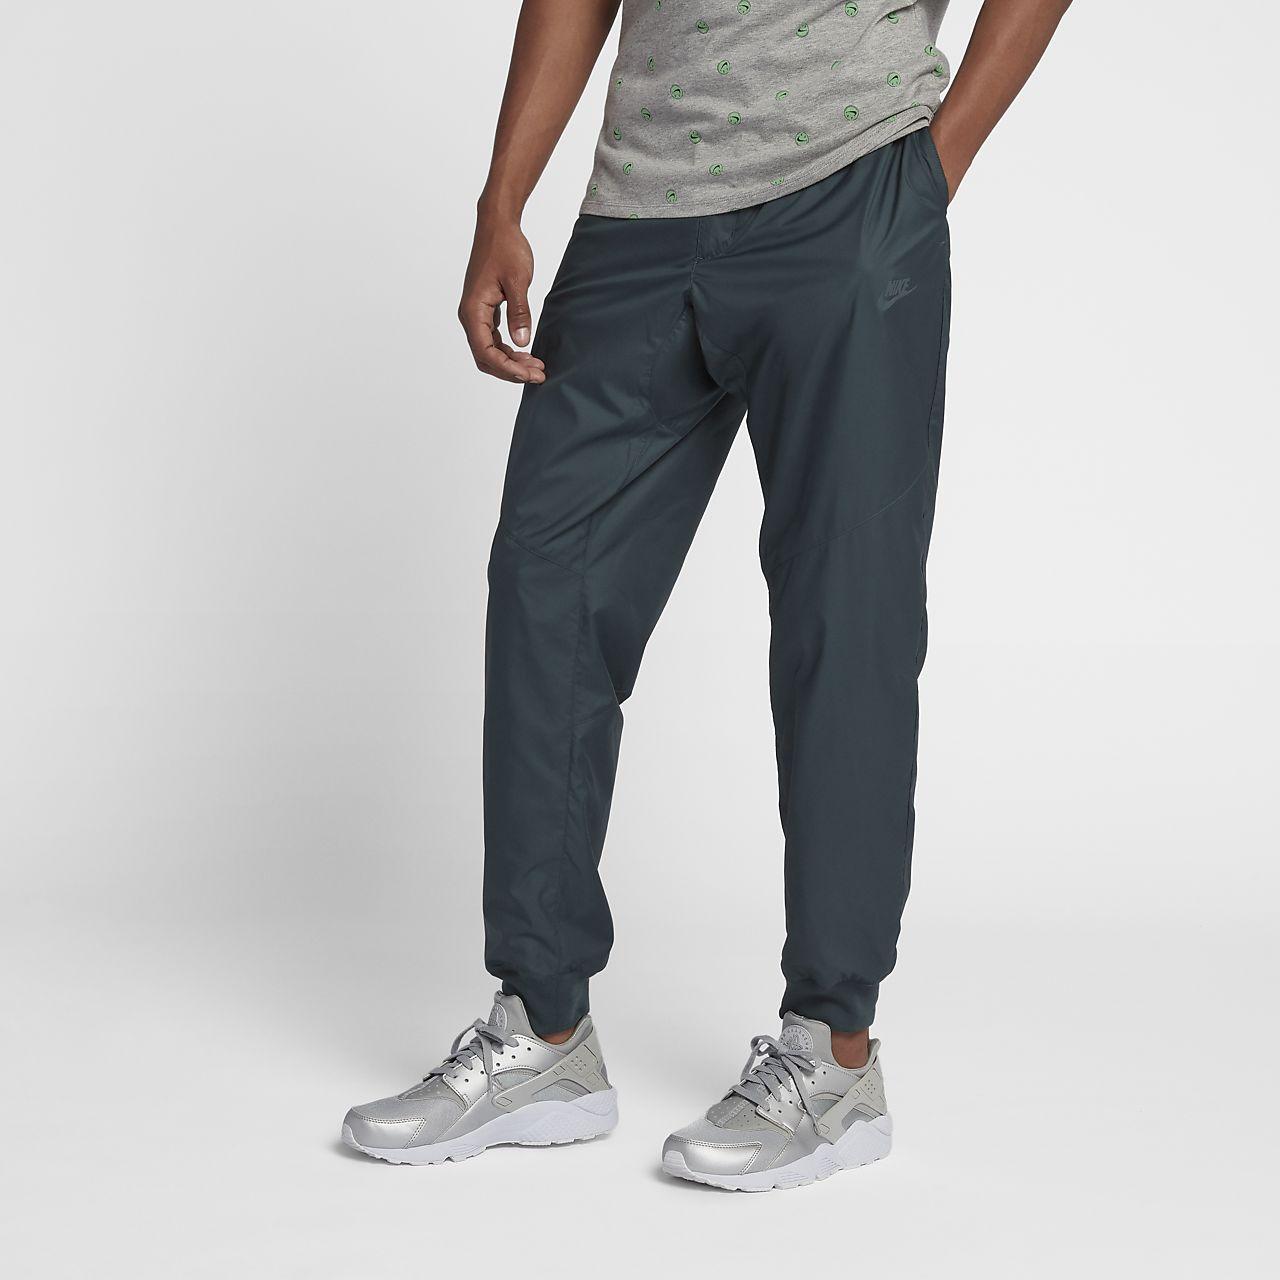 Nike Sportswear Windrunner Men's Pants Black/White